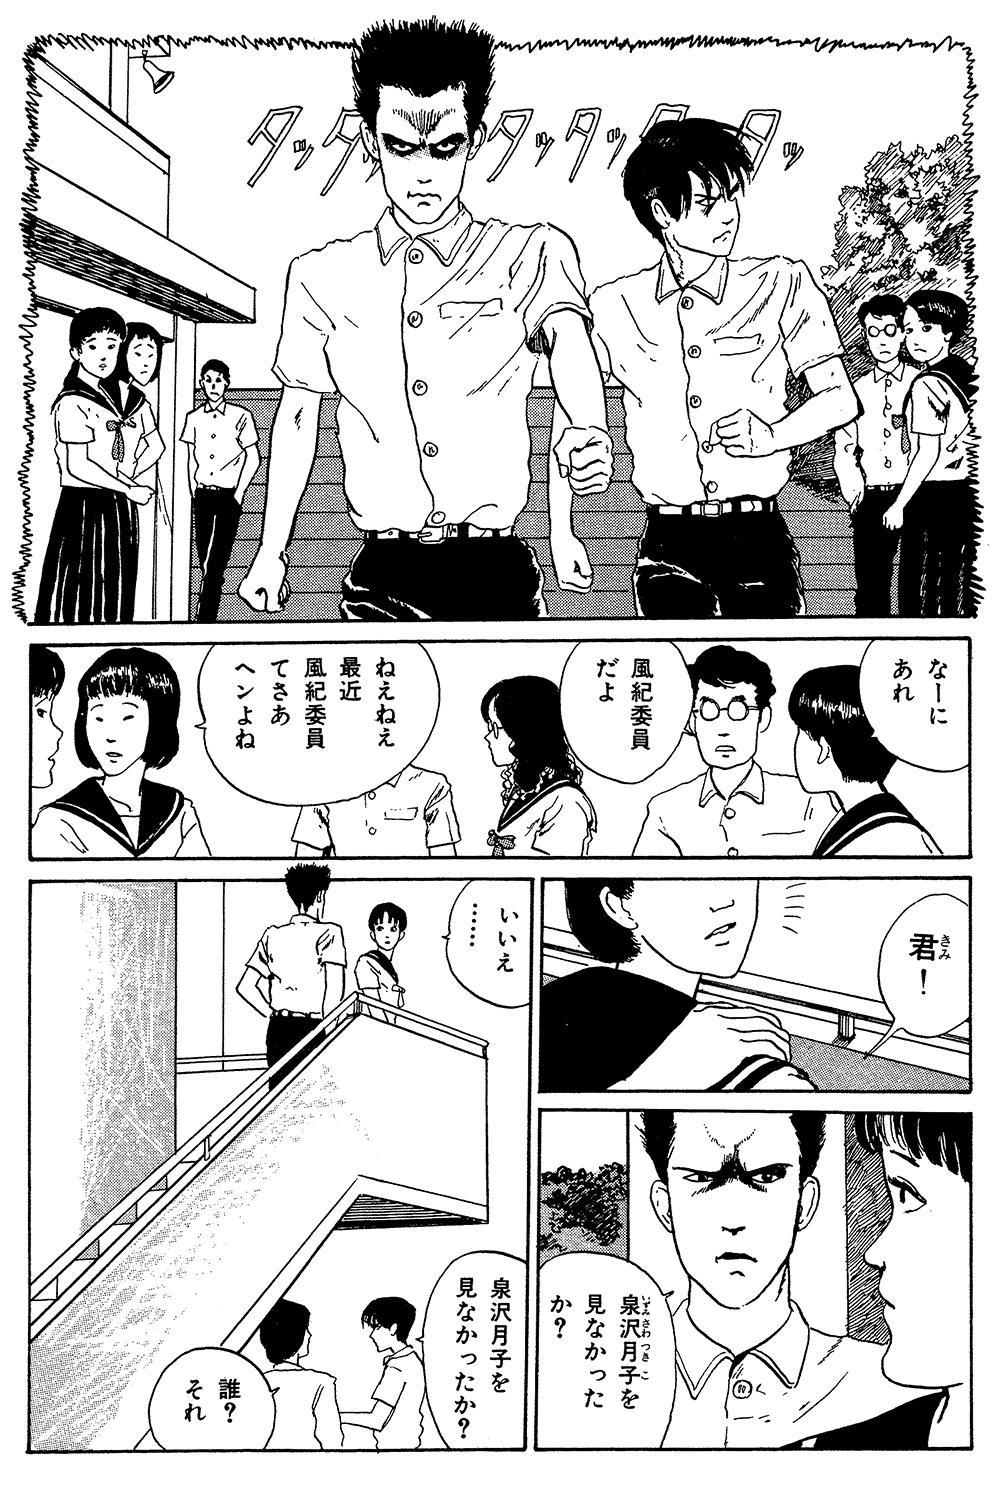 伊藤潤二傑作集 第4話「富江 写真」③junji12-09.jpg